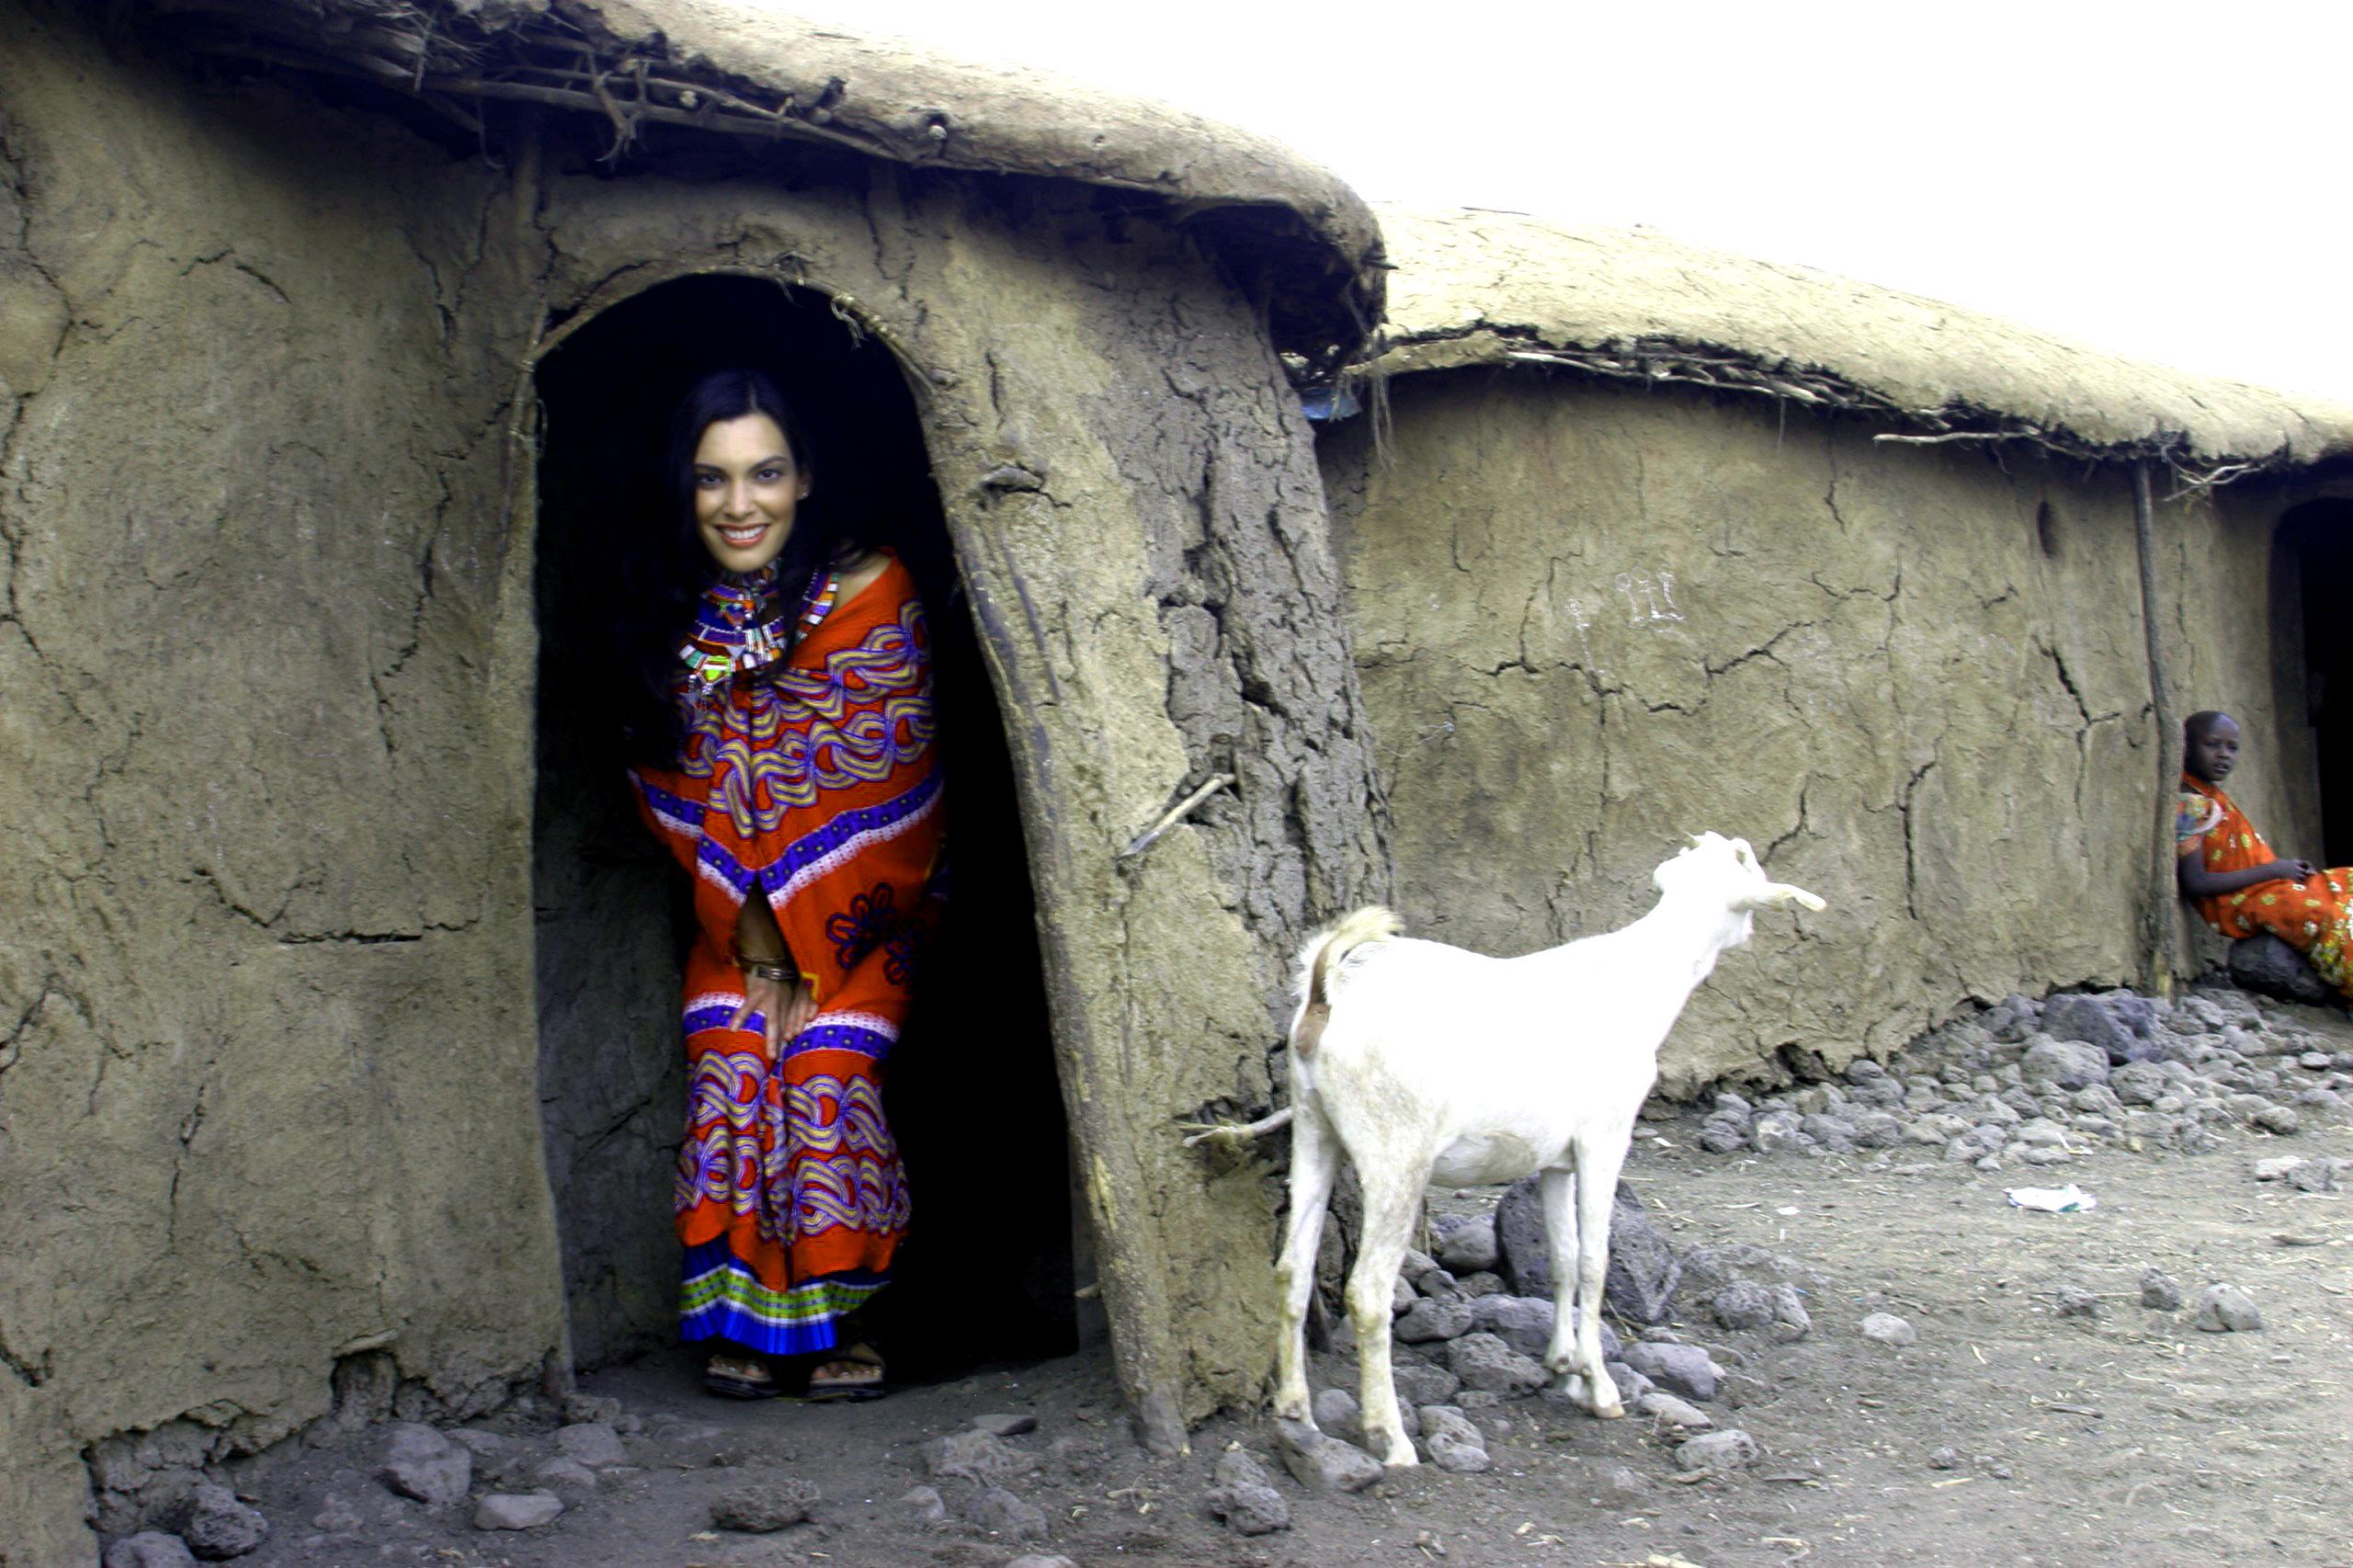 posing-in-hut-door-opening